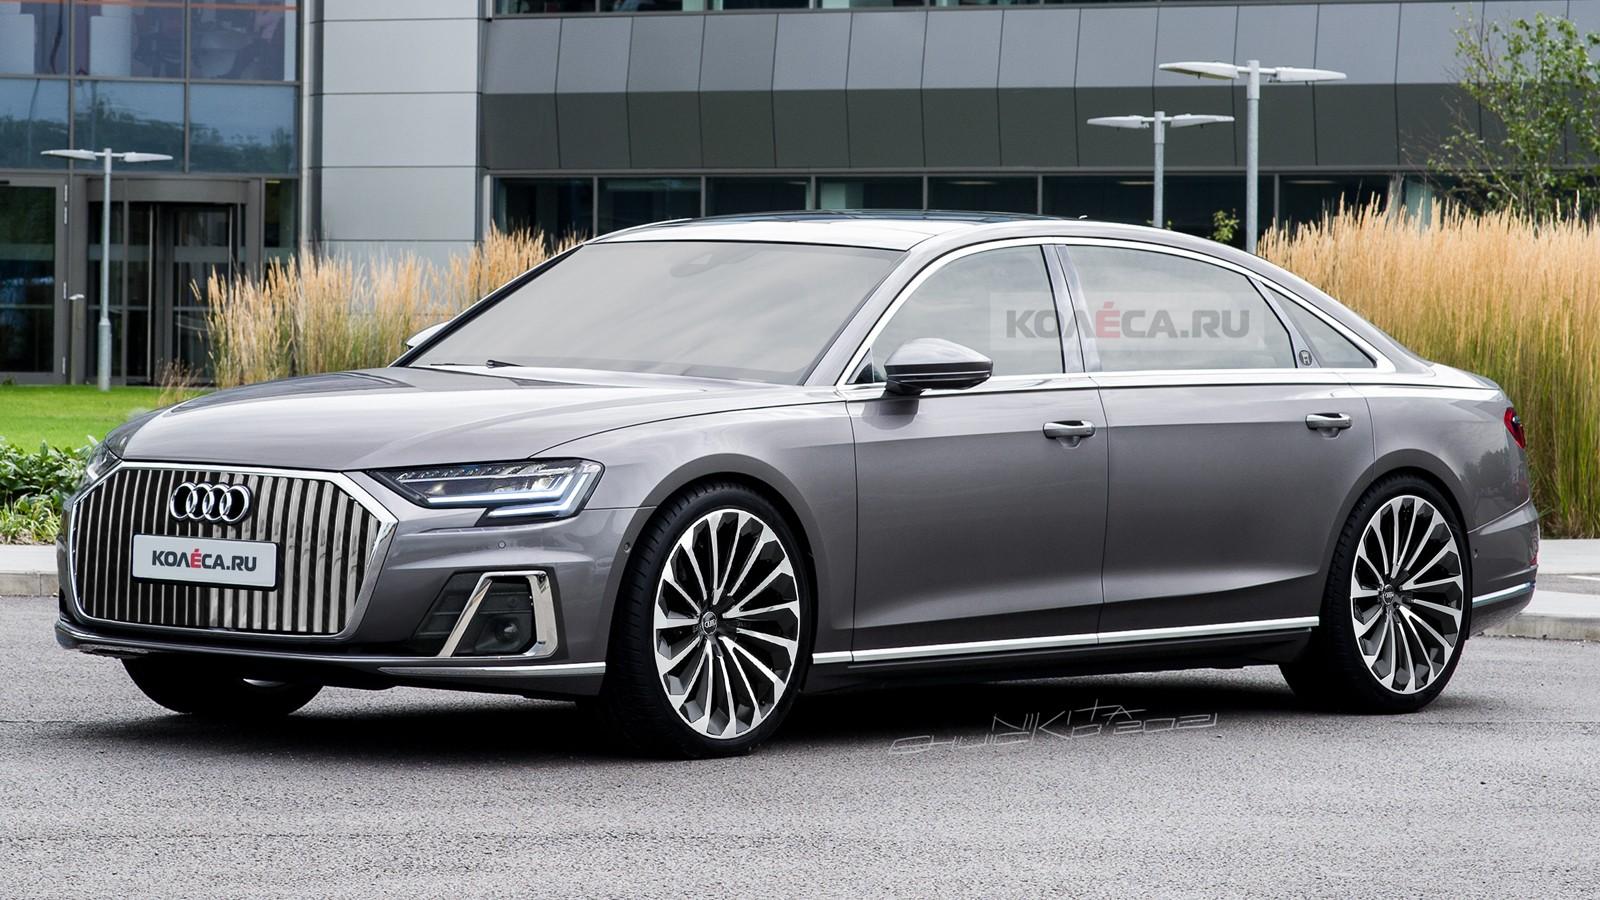 Новый Audi A8 Horch: первые изображения